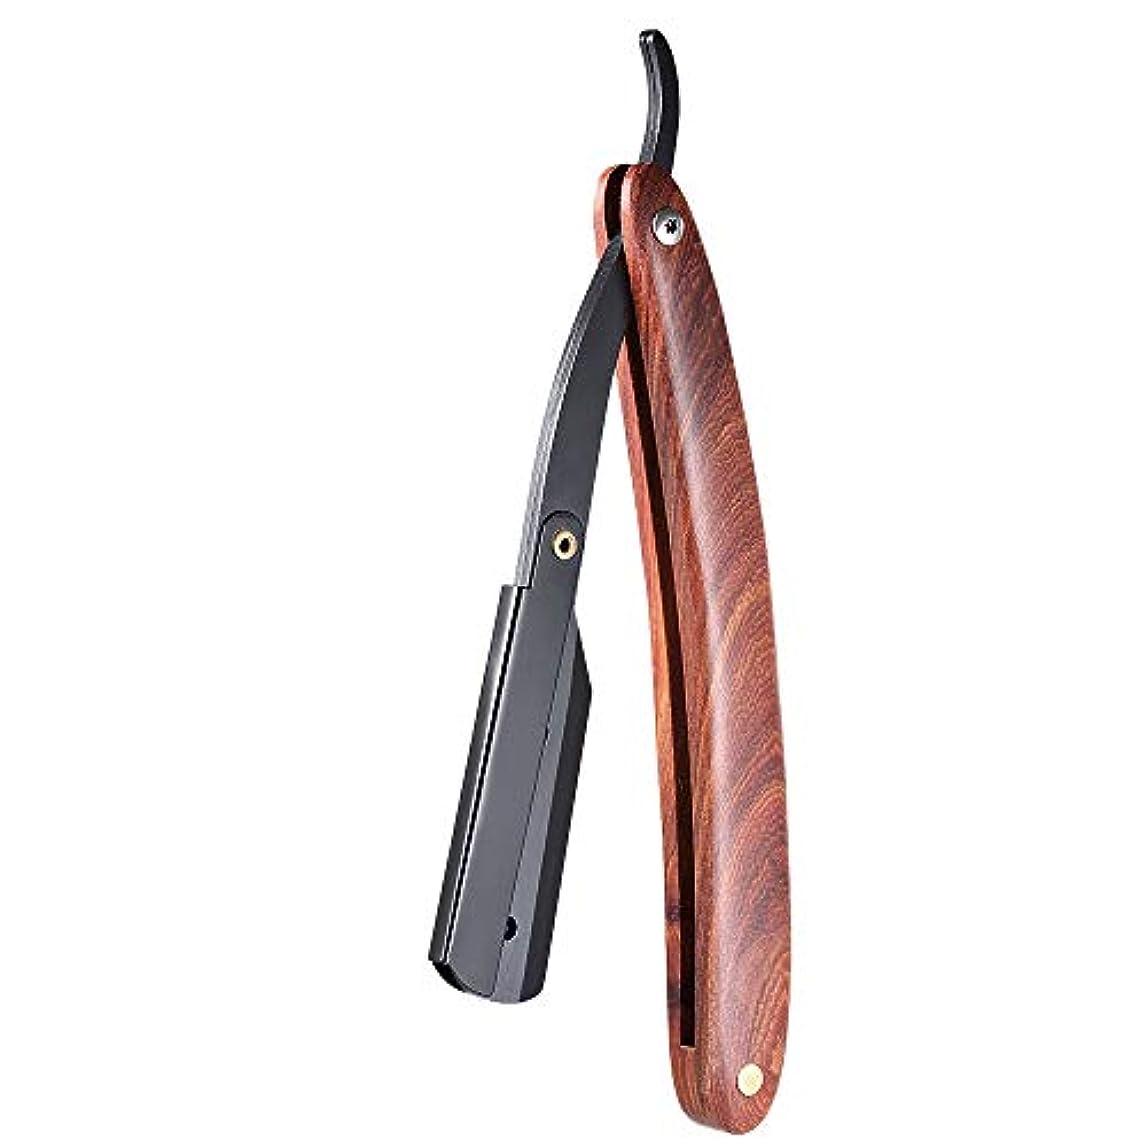 ルー識別後退するMen Shaving Straight Edge Razor Stainless Steel Manual Razor Wooden Handle Folding Shaving Knife Shave Beard Cutter...